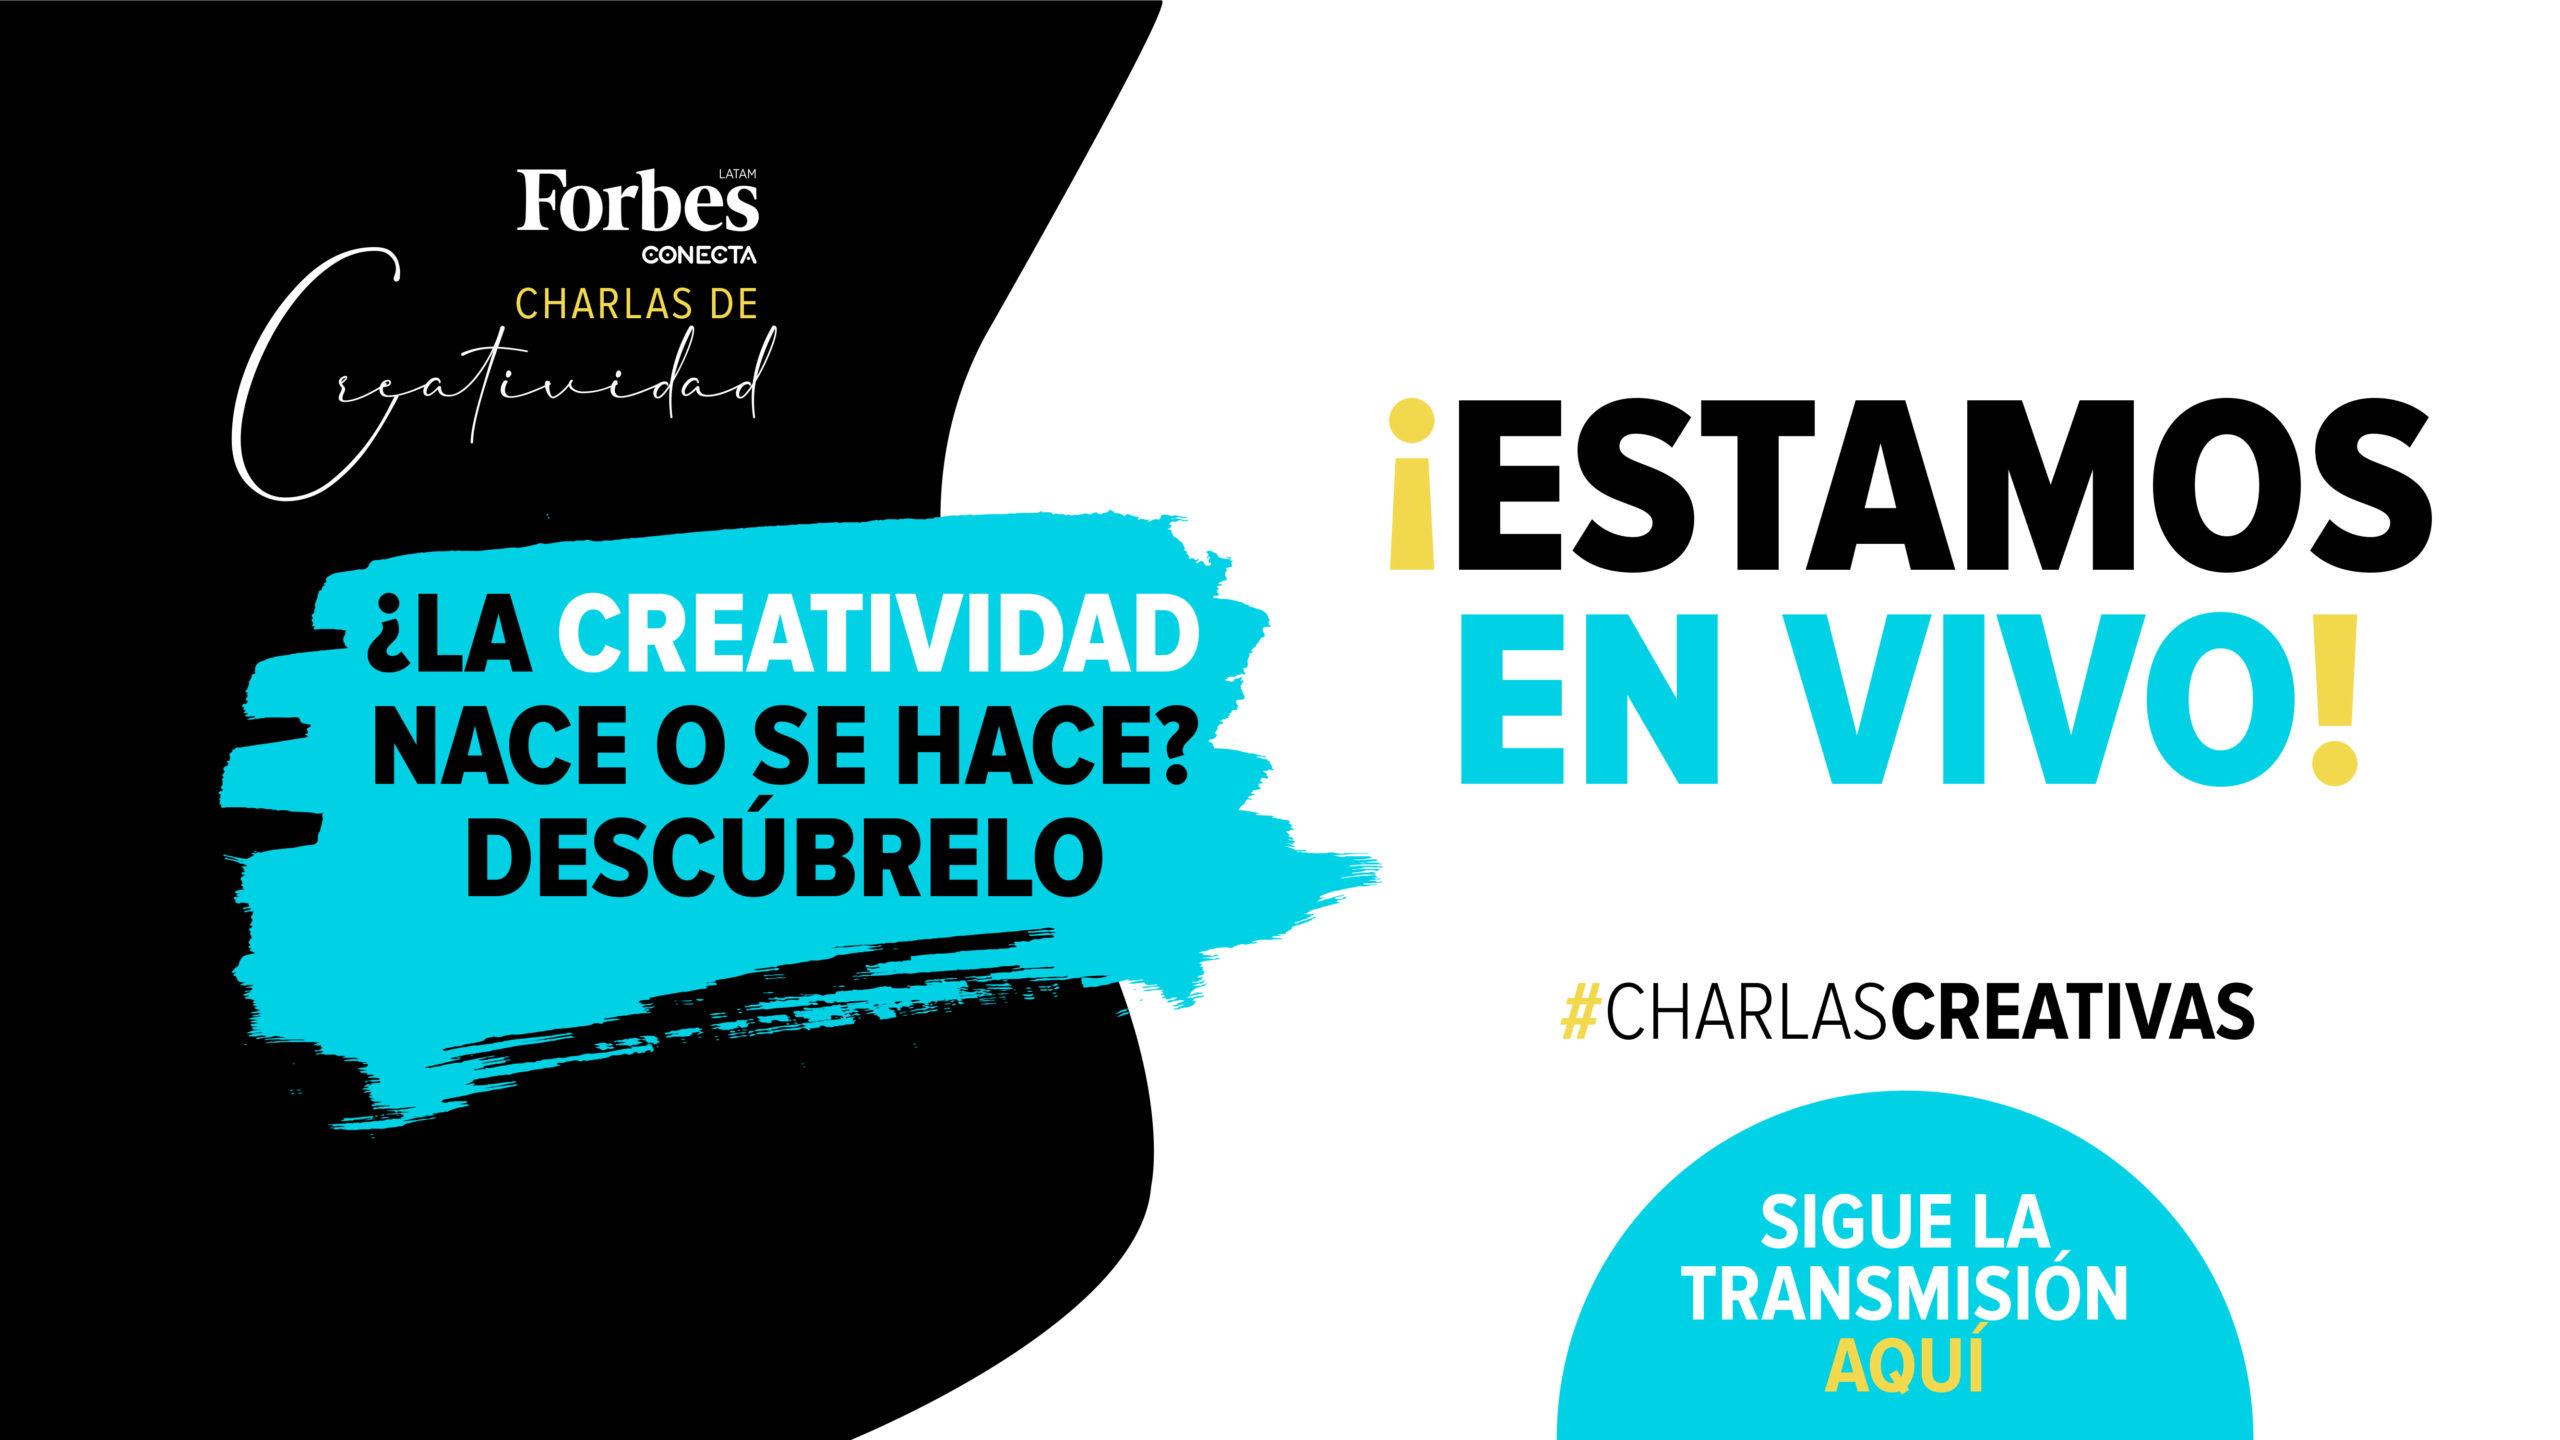 EN VIVO | ¿La creatividad nace o se hace? Descúbrelo en #CharlasCreativas